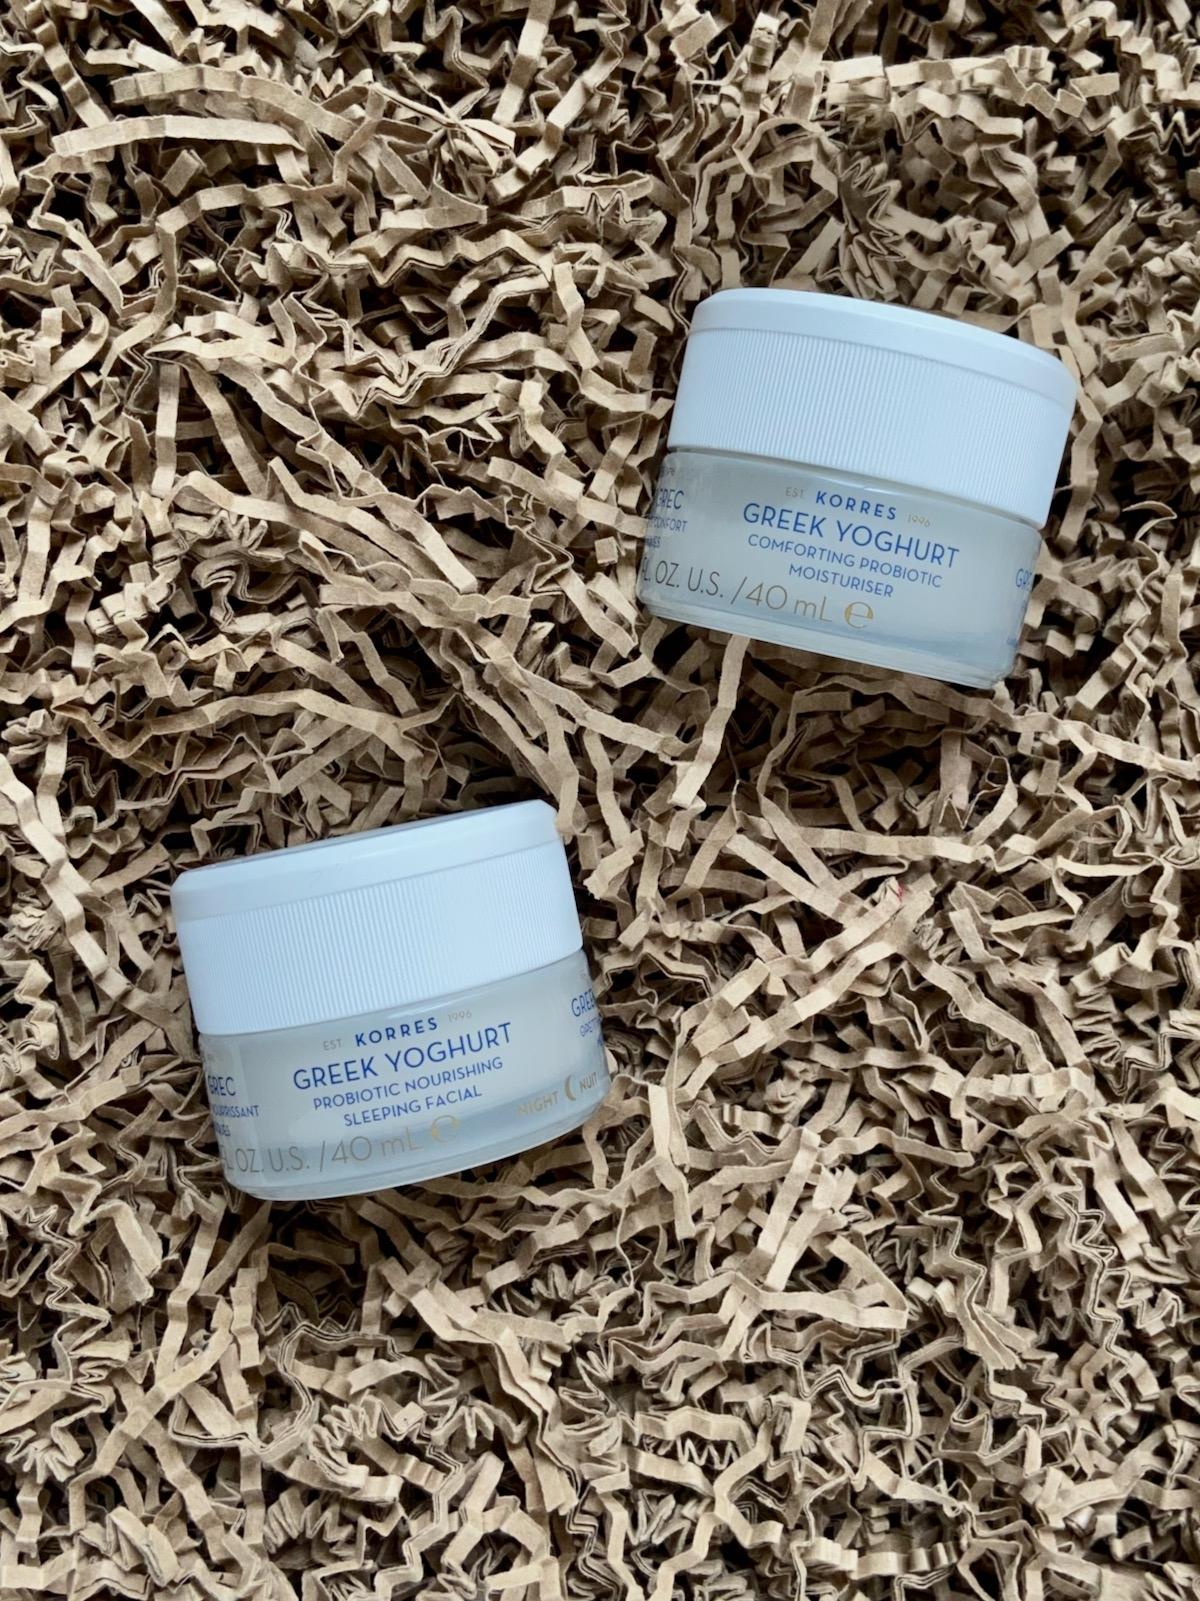 Korres Greek Yoghurt Probiotische Feuchtigkeitscreme Sleeping Facial